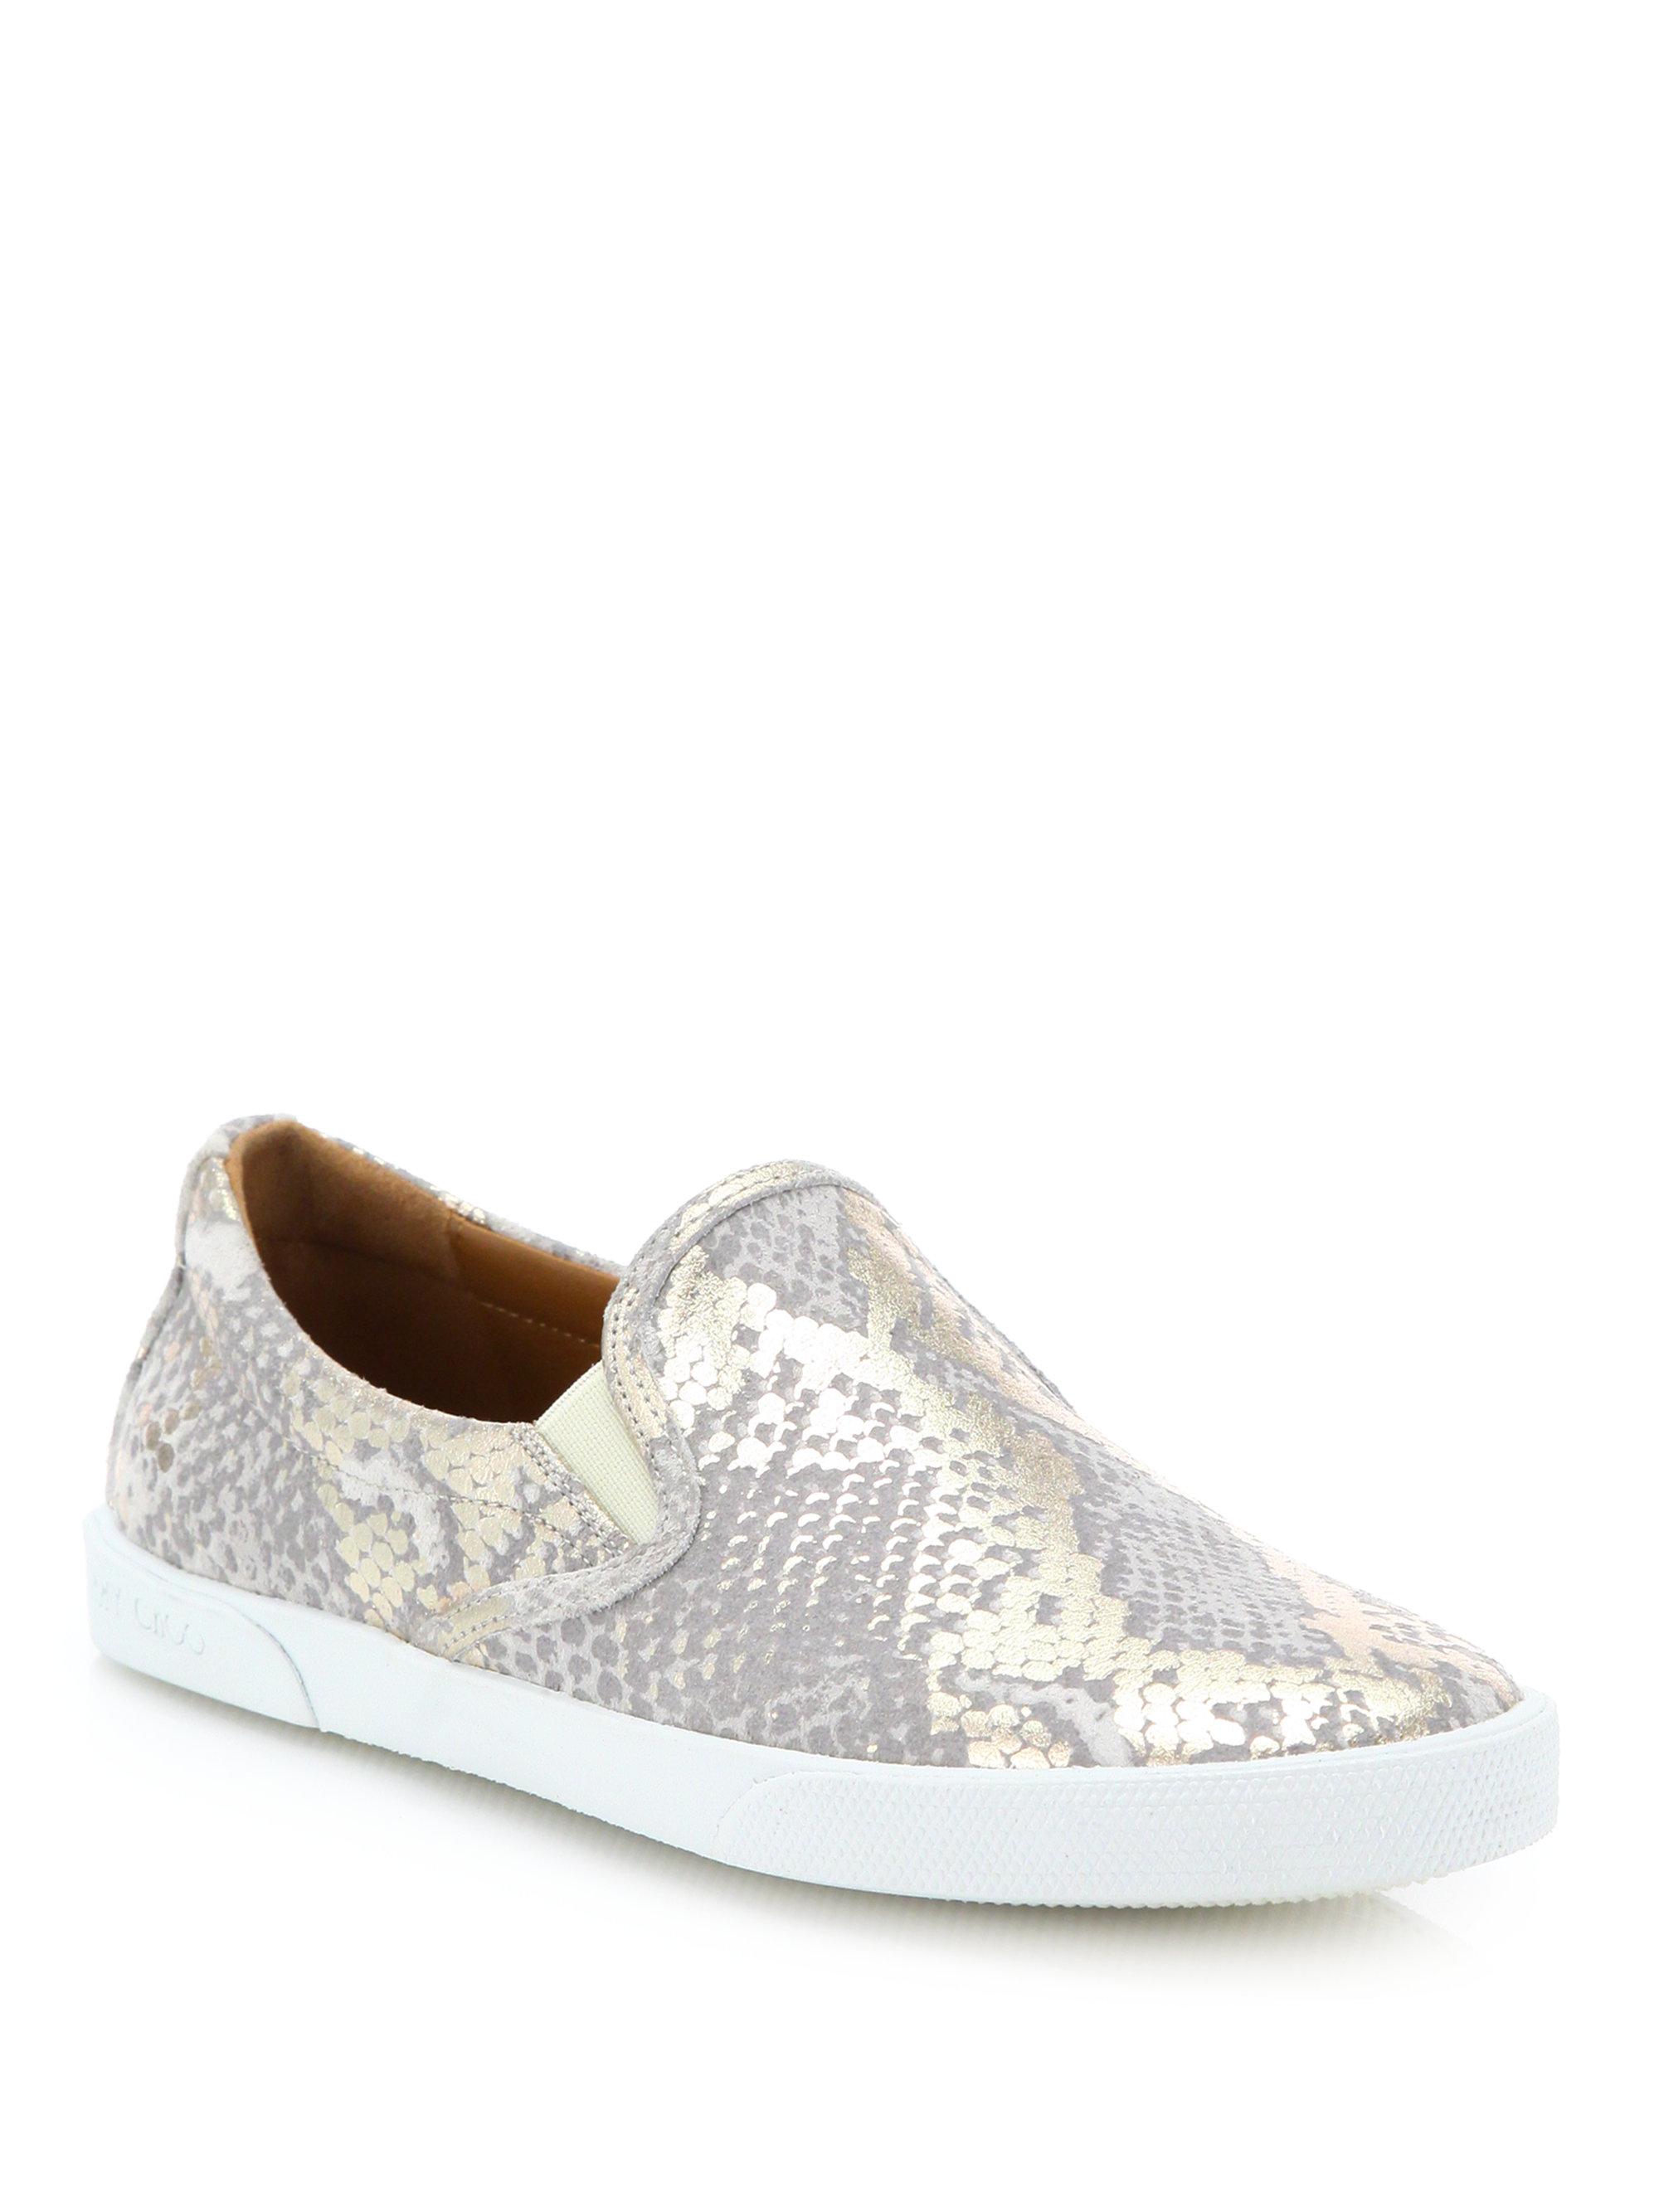 7b5515deb72b Lyst - Jimmy Choo Demi Metallic Snakeskin-print Suede Sneakers in ...